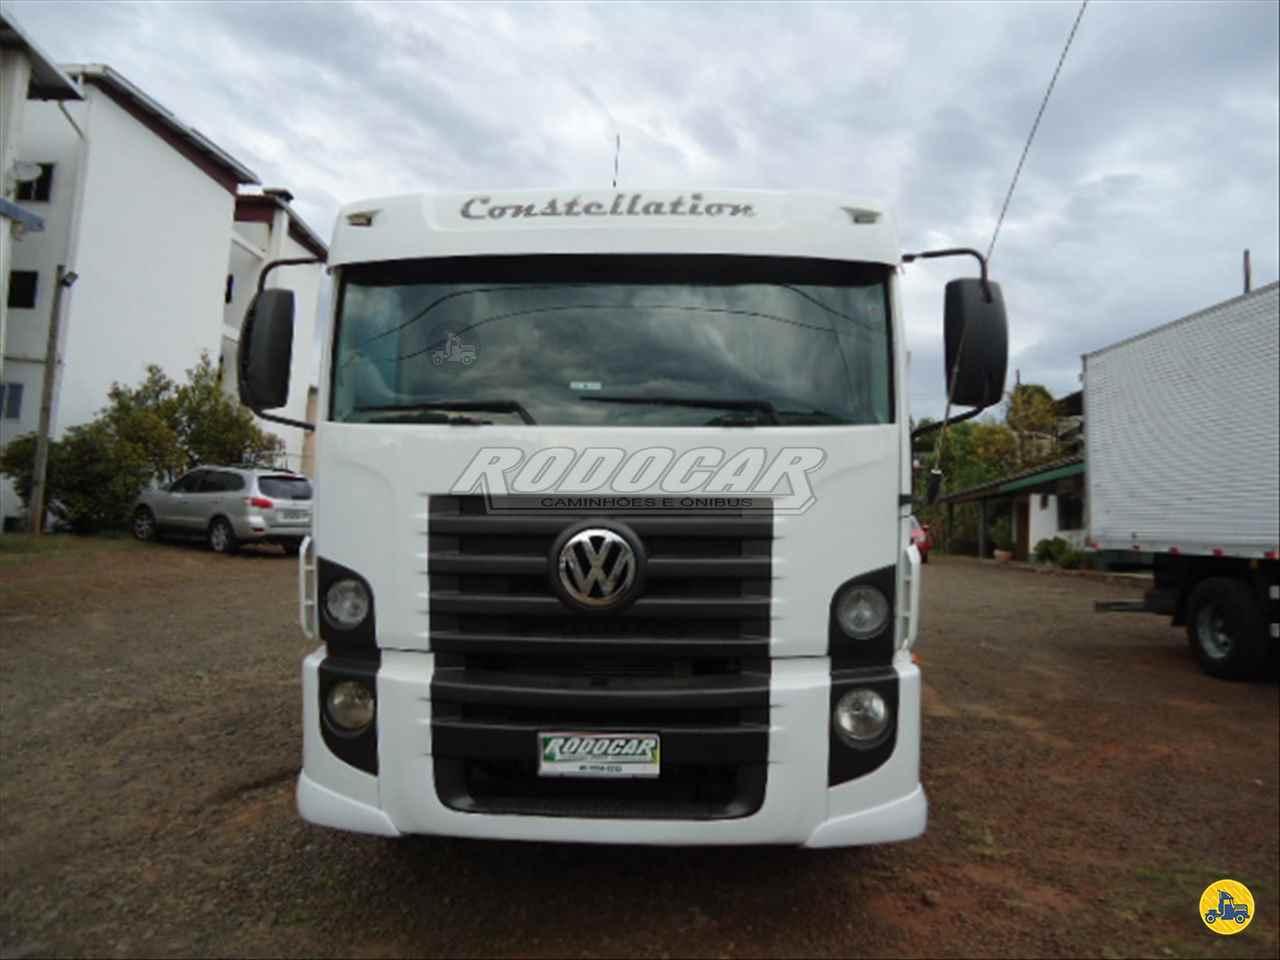 CAMINHAO VOLKSWAGEN VW 24250 Graneleiro BiTruck 8x2 Rodocar Caminhões CHAPECO SANTA CATARINA SC